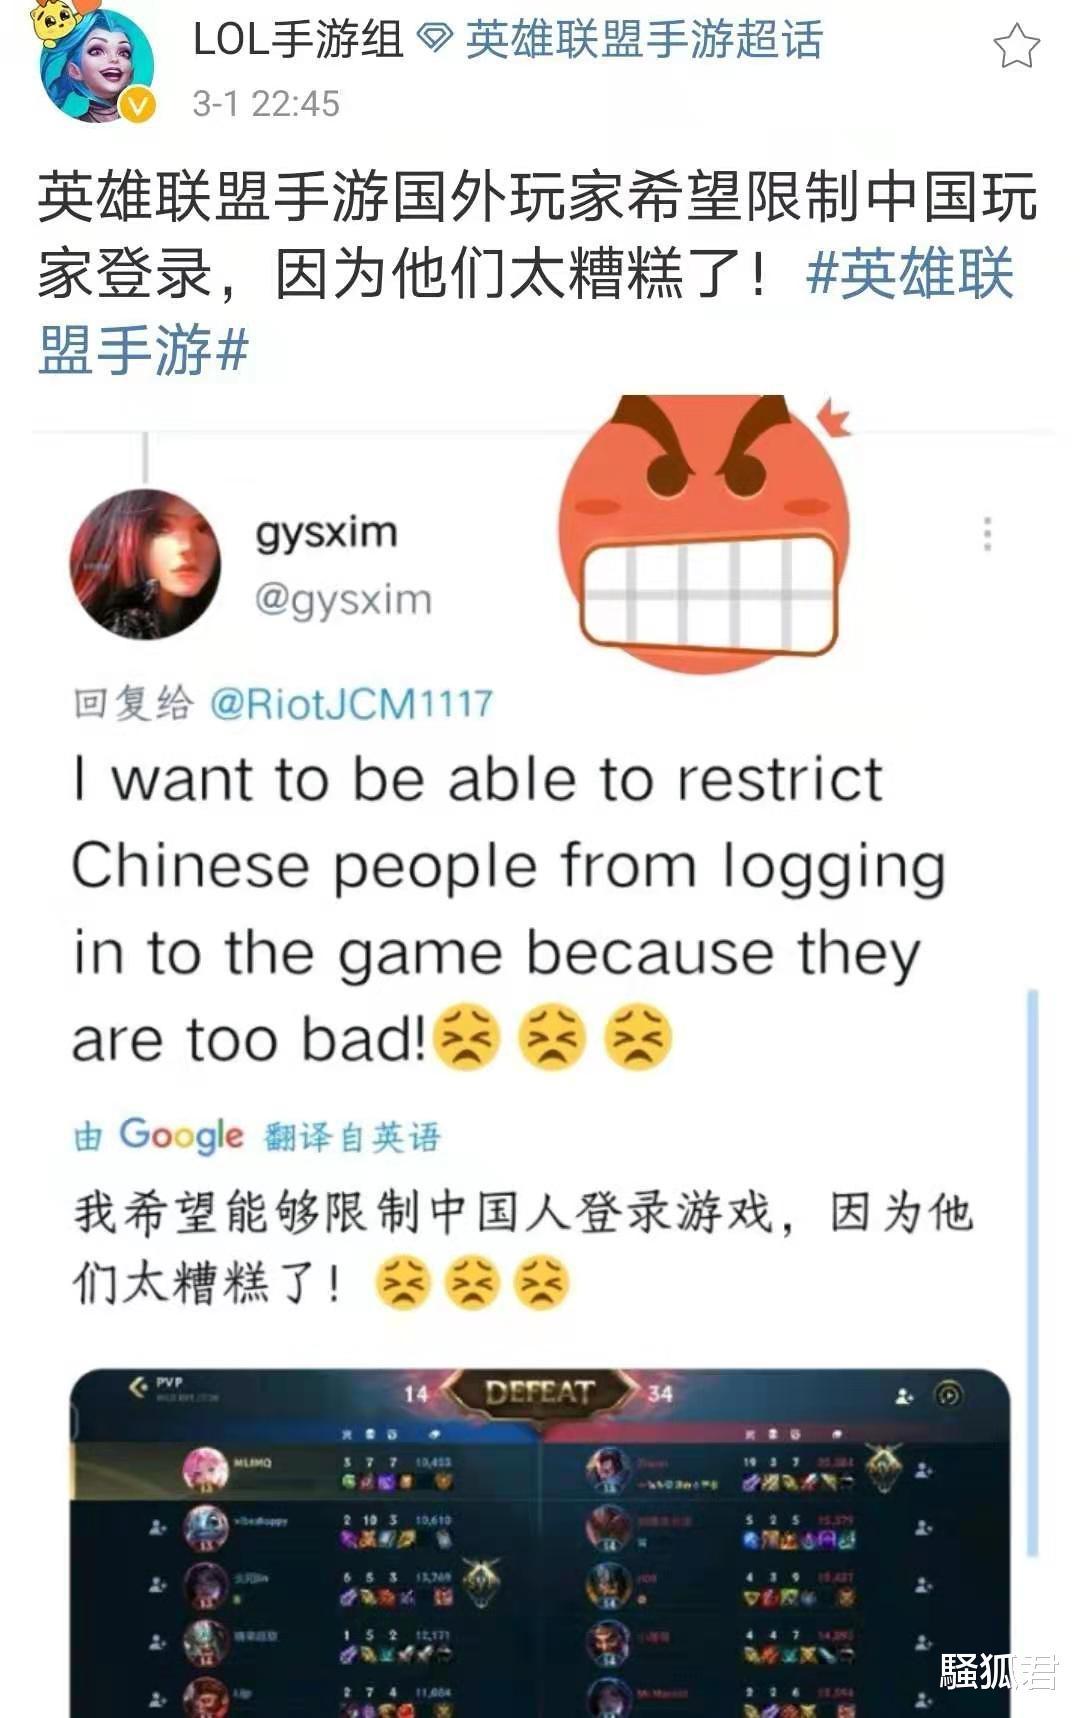 《【煜星娱乐登录注册平台】LOL手游国服还不上线?国内玩家遭嫌弃,外服:中国玩家很糟糕》